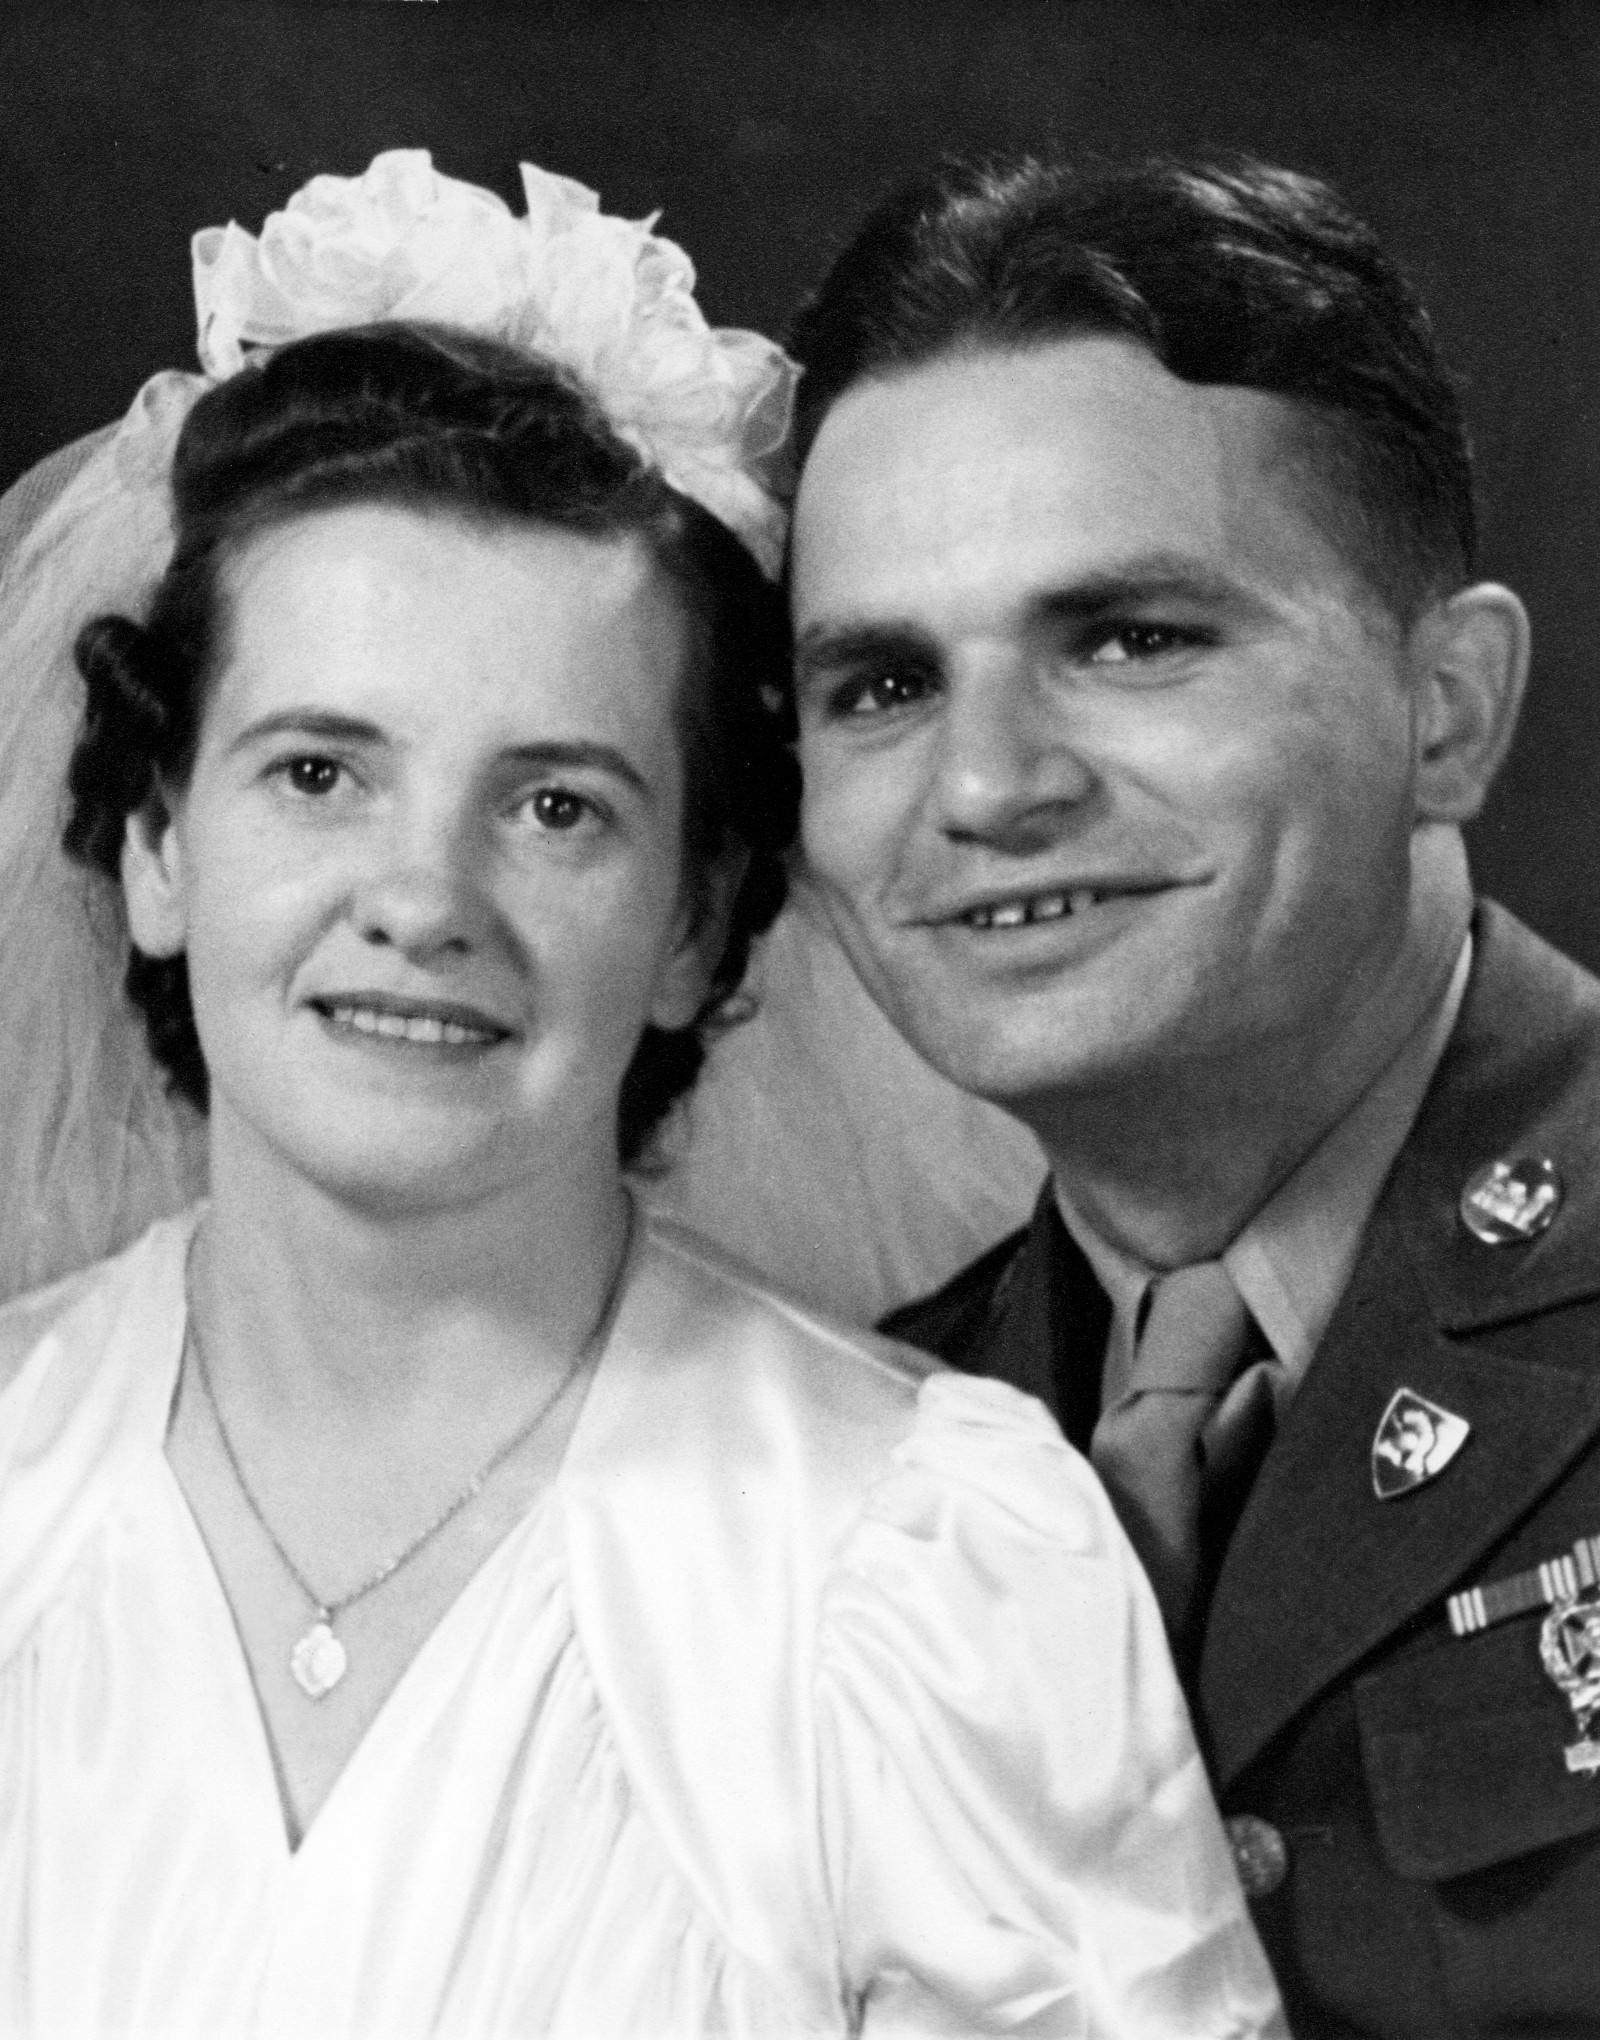 Джим иЭлис Нисбет Коллинз вдень их свадьбы в1940-х годах.